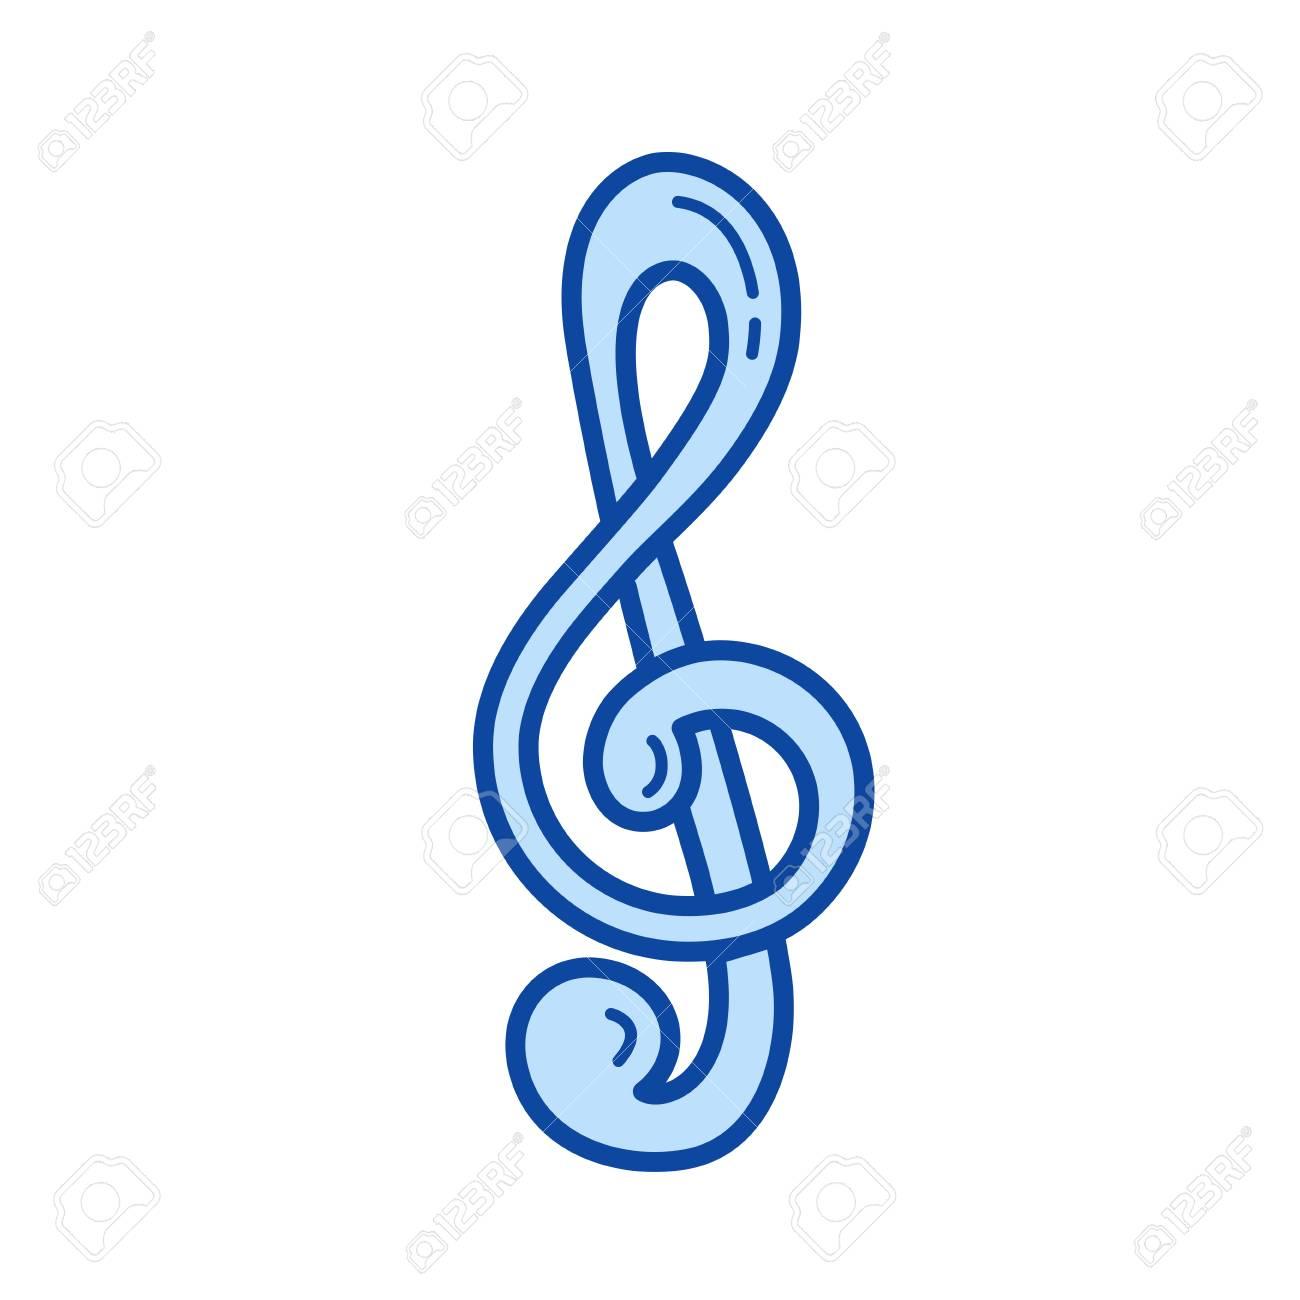 Vettoriale Icona Di Linea Di Vettore Chiave Di Violino Isolato Su